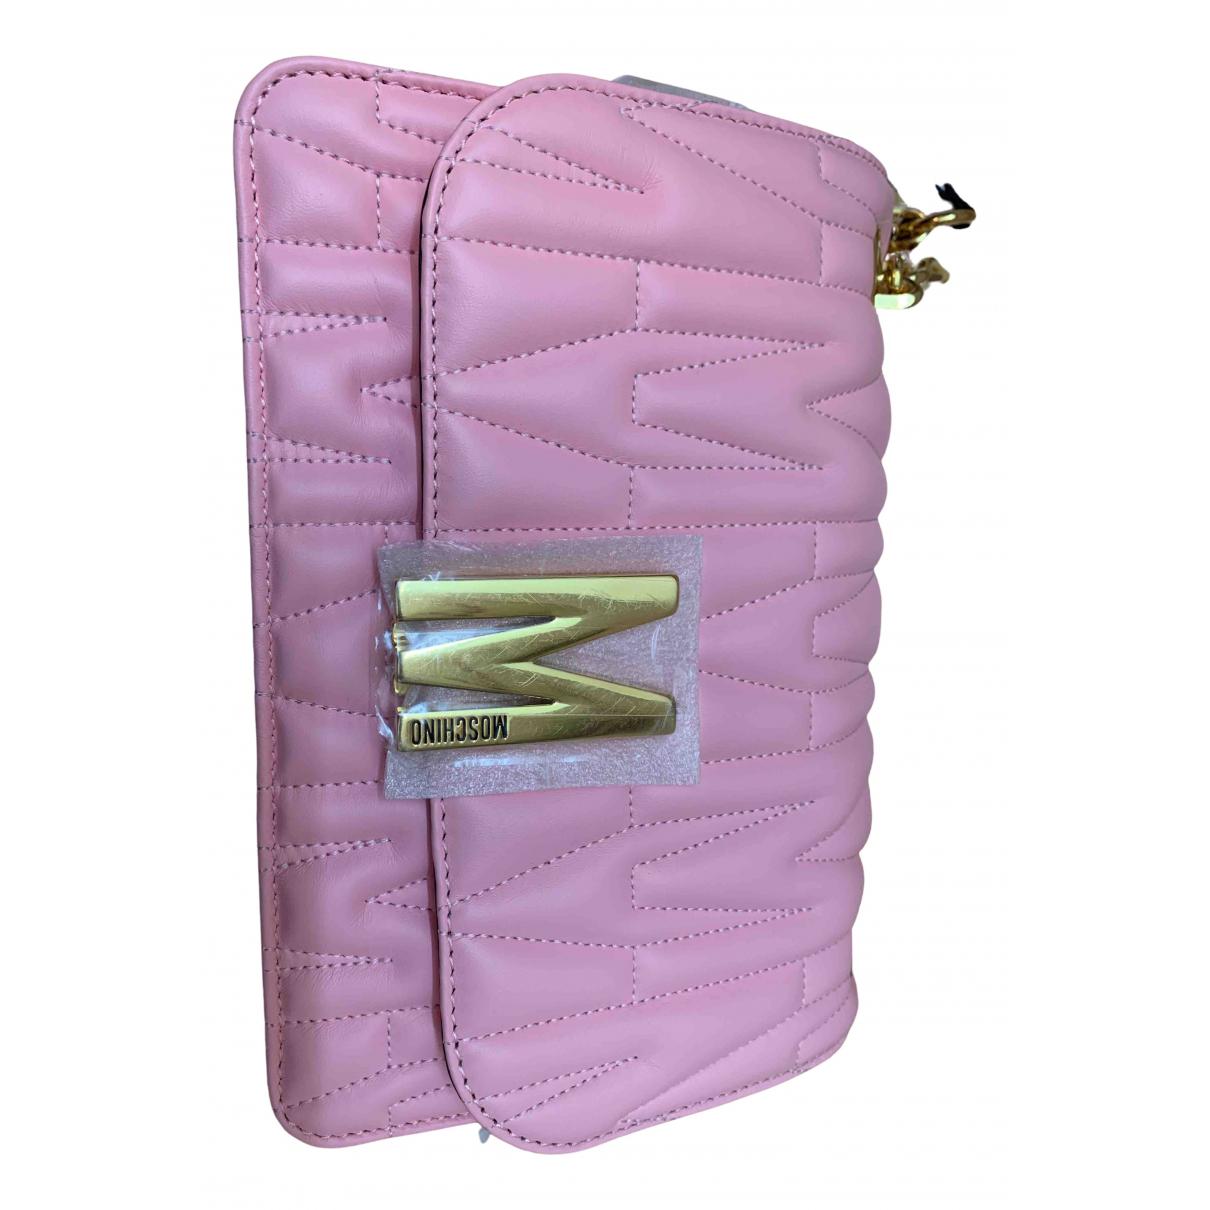 Moschino - Sac a main   pour femme en cuir - rose